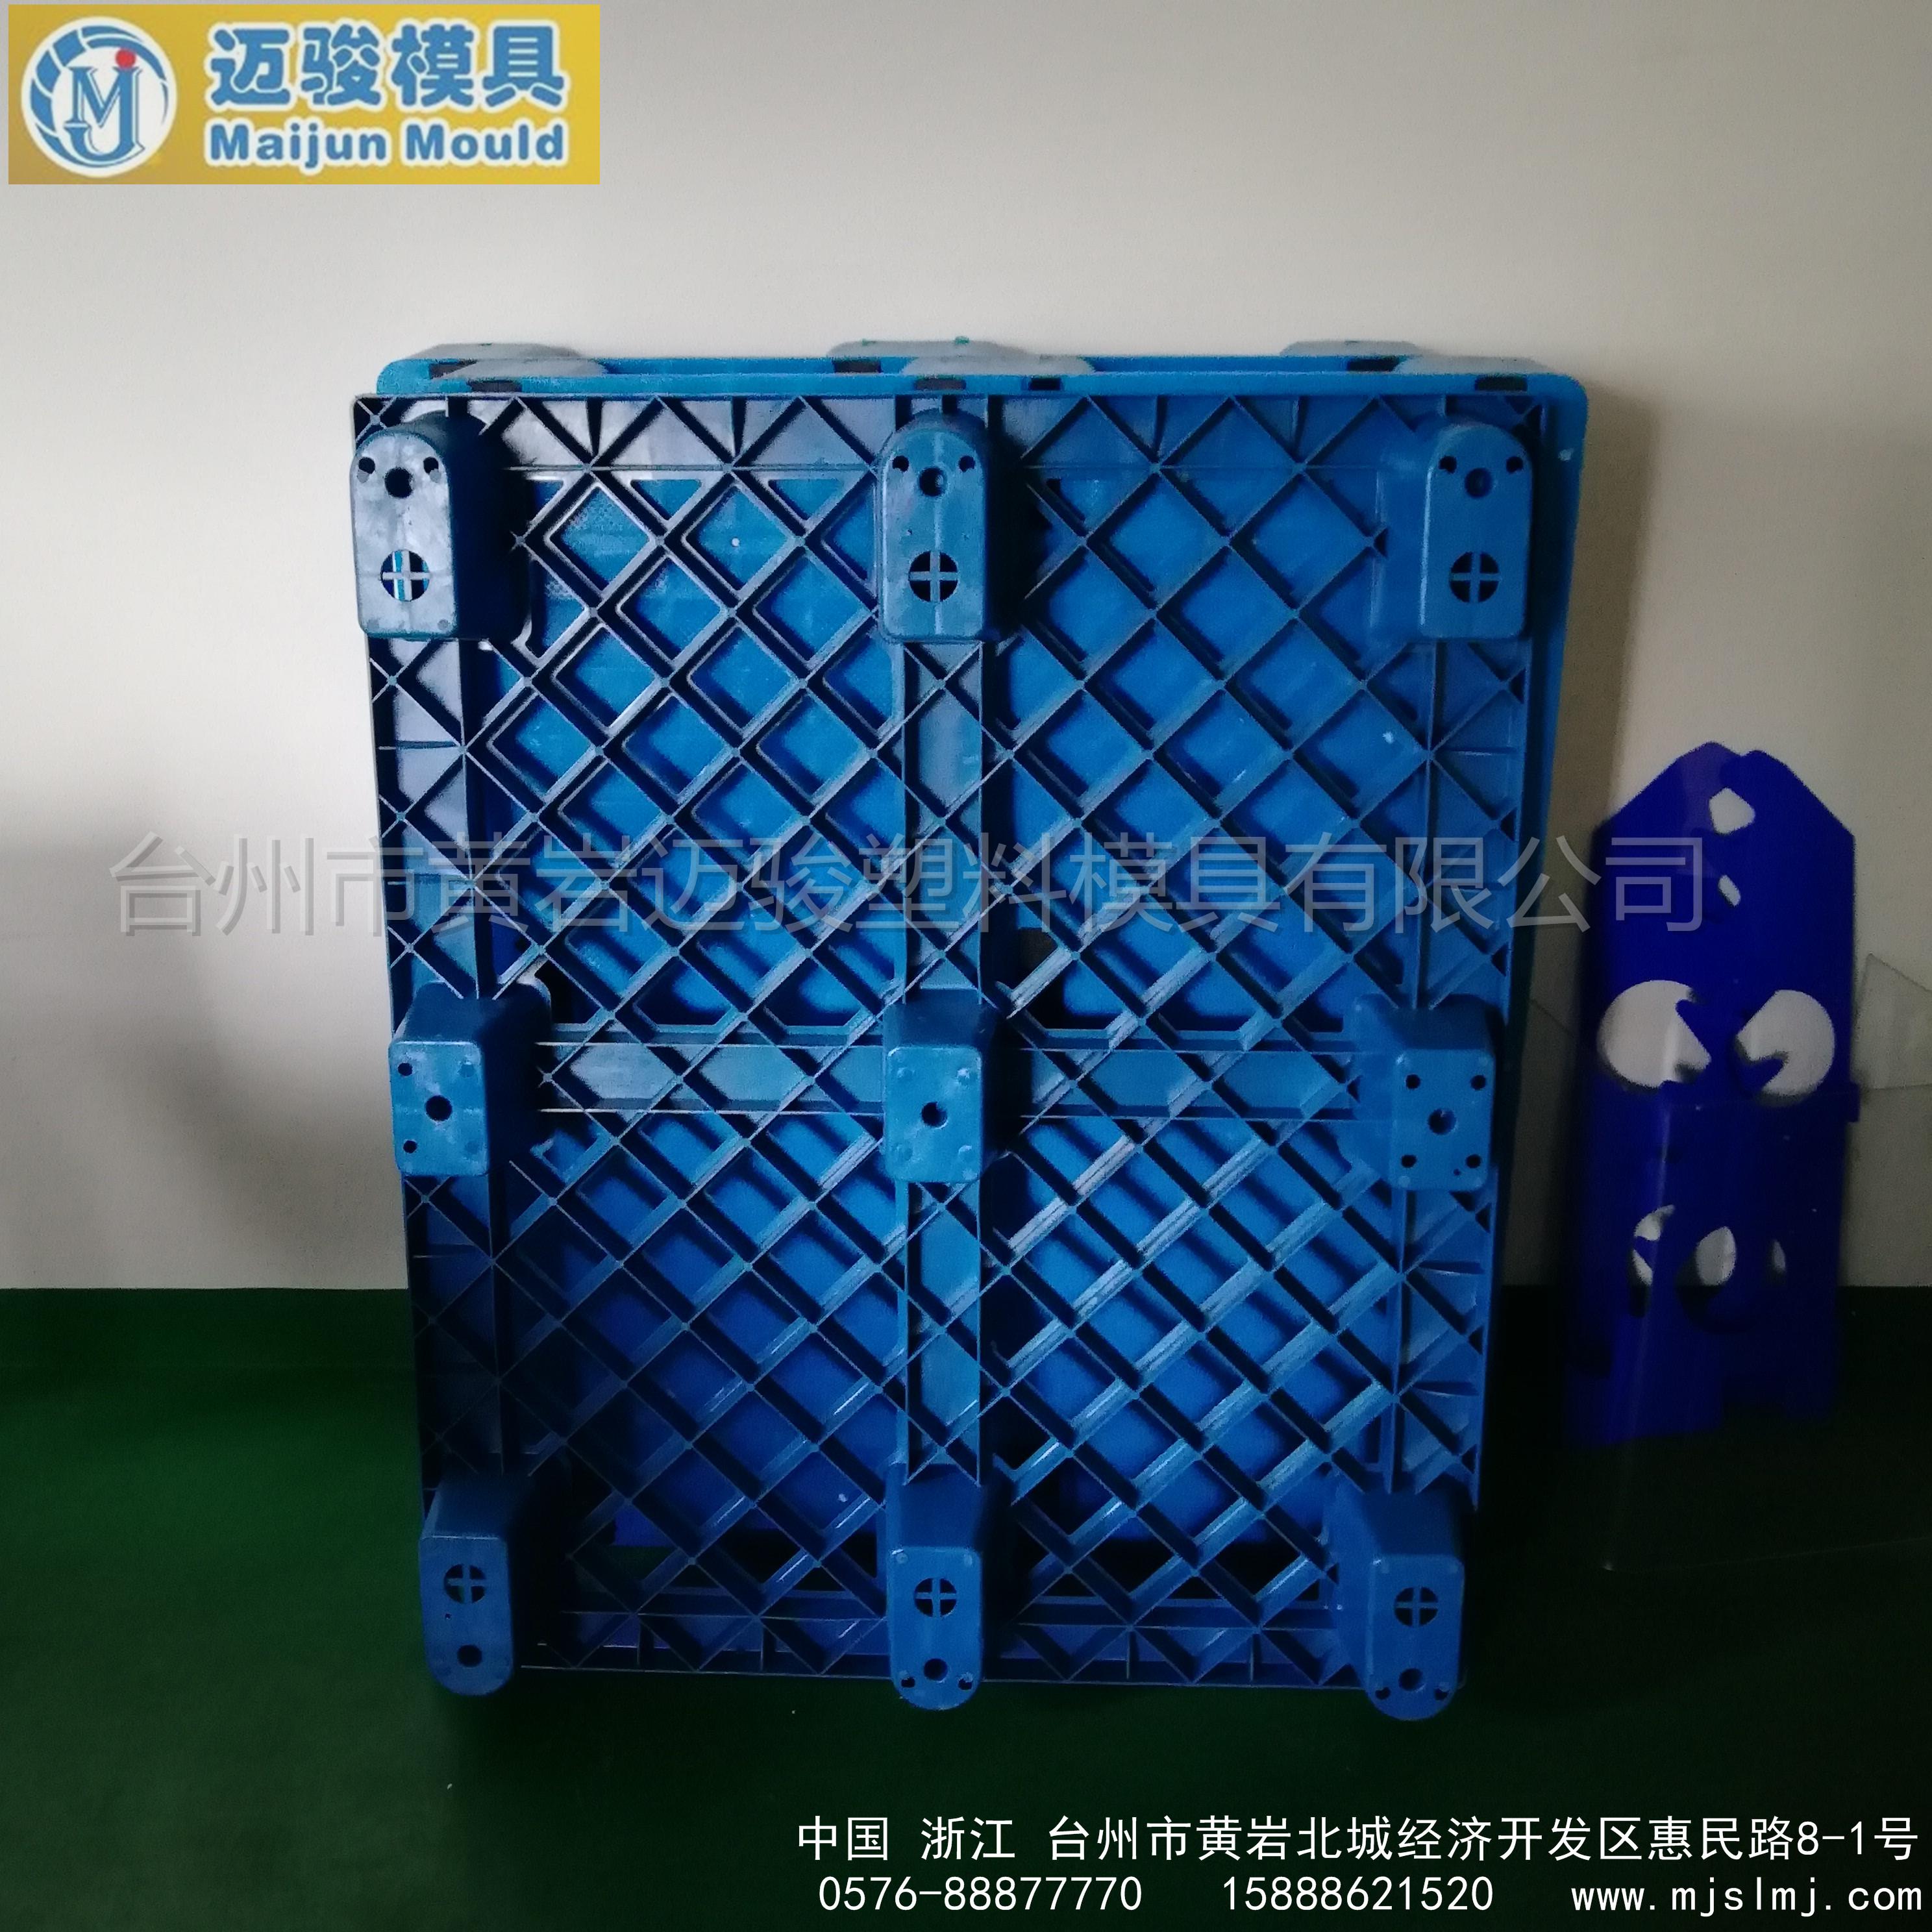 台州黄岩 物流设备托盘模具定制工厂 注塑模具加工制造厂家 质优价惠